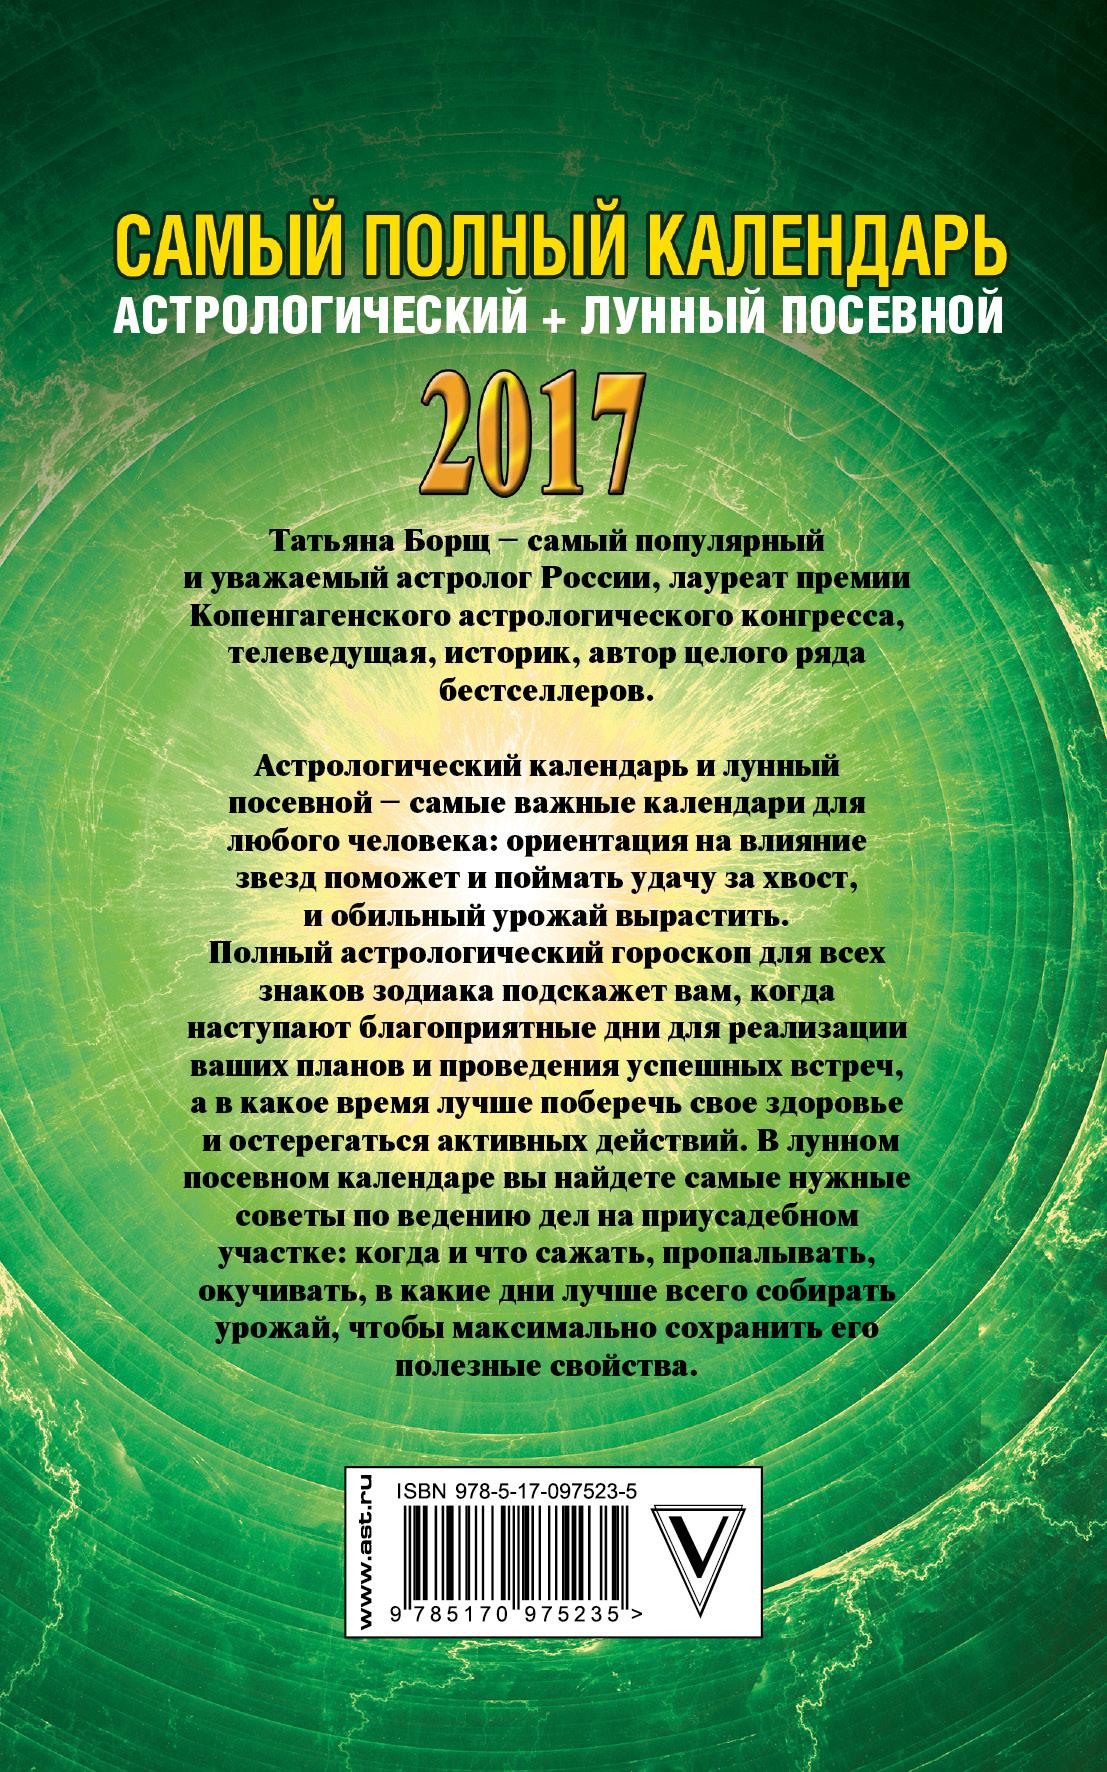 Лунный и астрологический календари